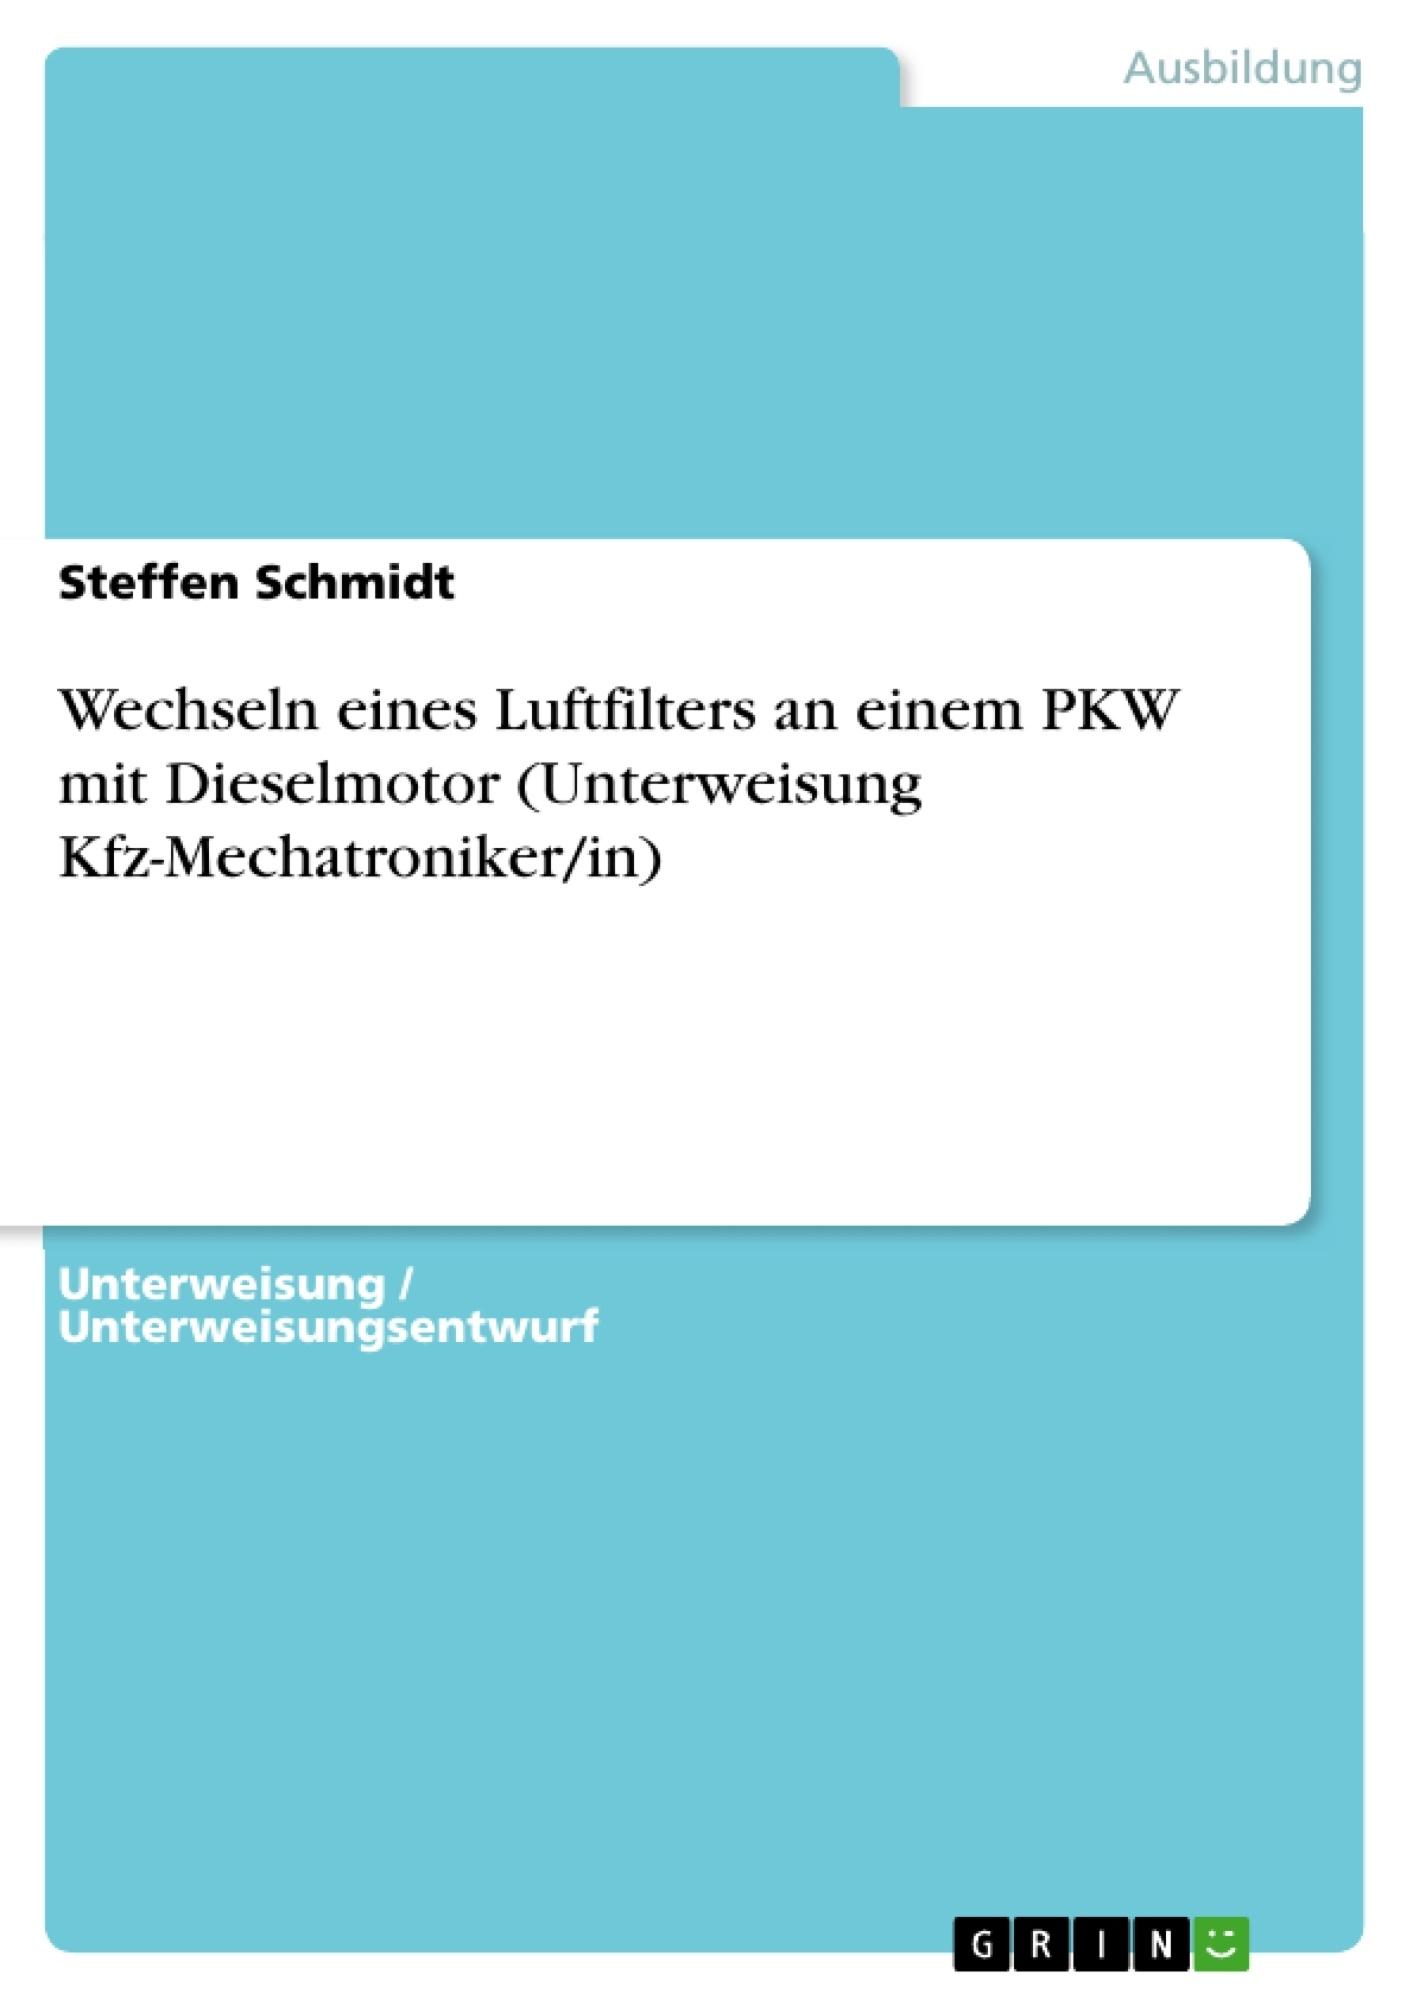 Titel: Wechseln eines Luftfilters an einem PKW mit Dieselmotor (Unterweisung Kfz-Mechatroniker/in)